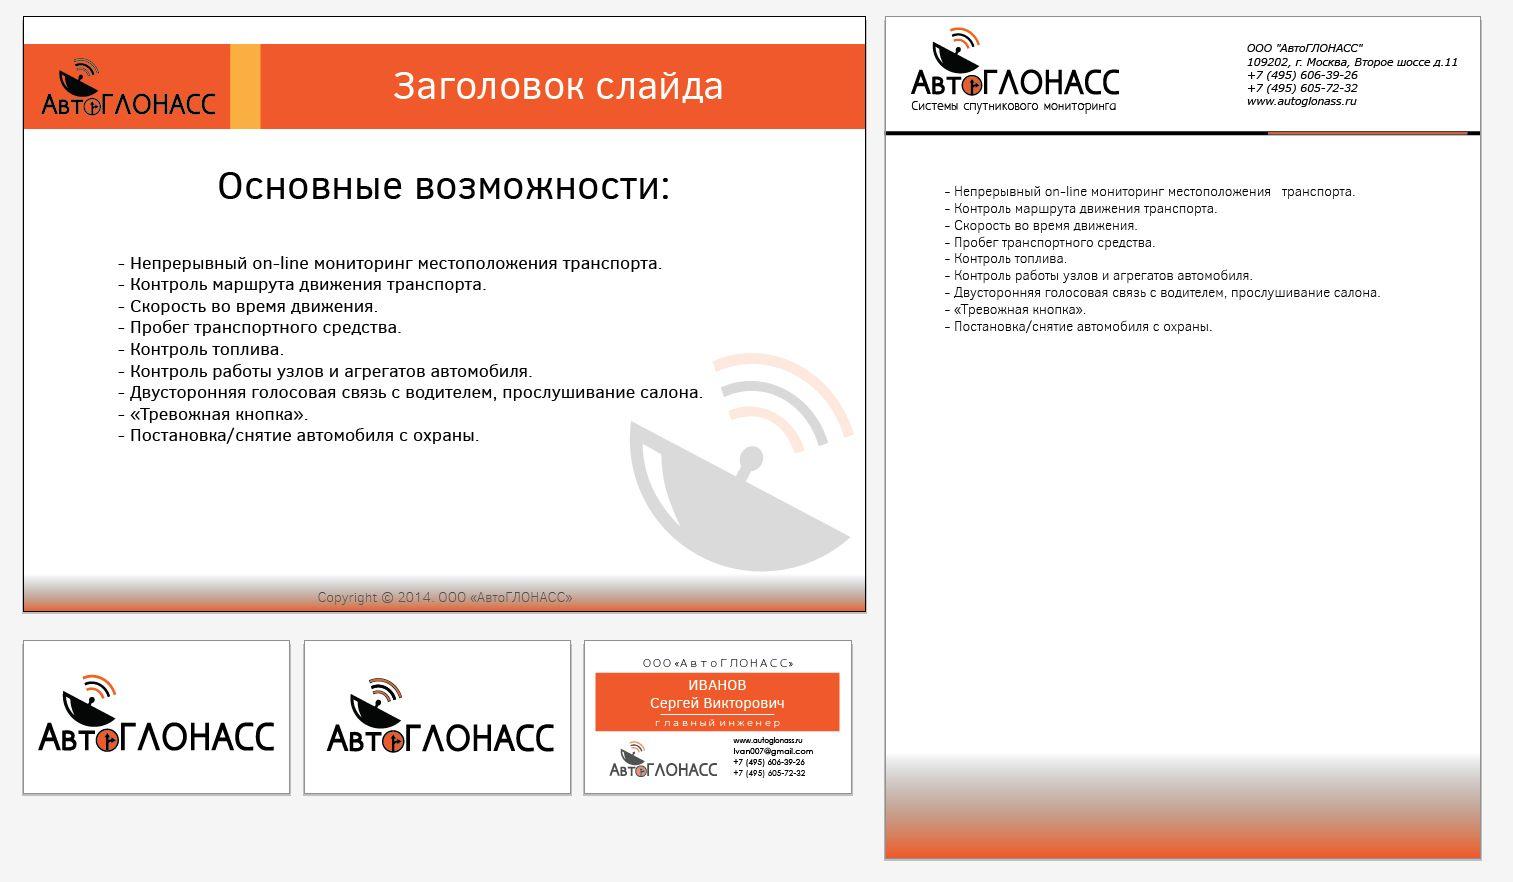 Логотип и фирменный стиль проекта АвтоГЛОНАСС - дизайнер Gvozdets